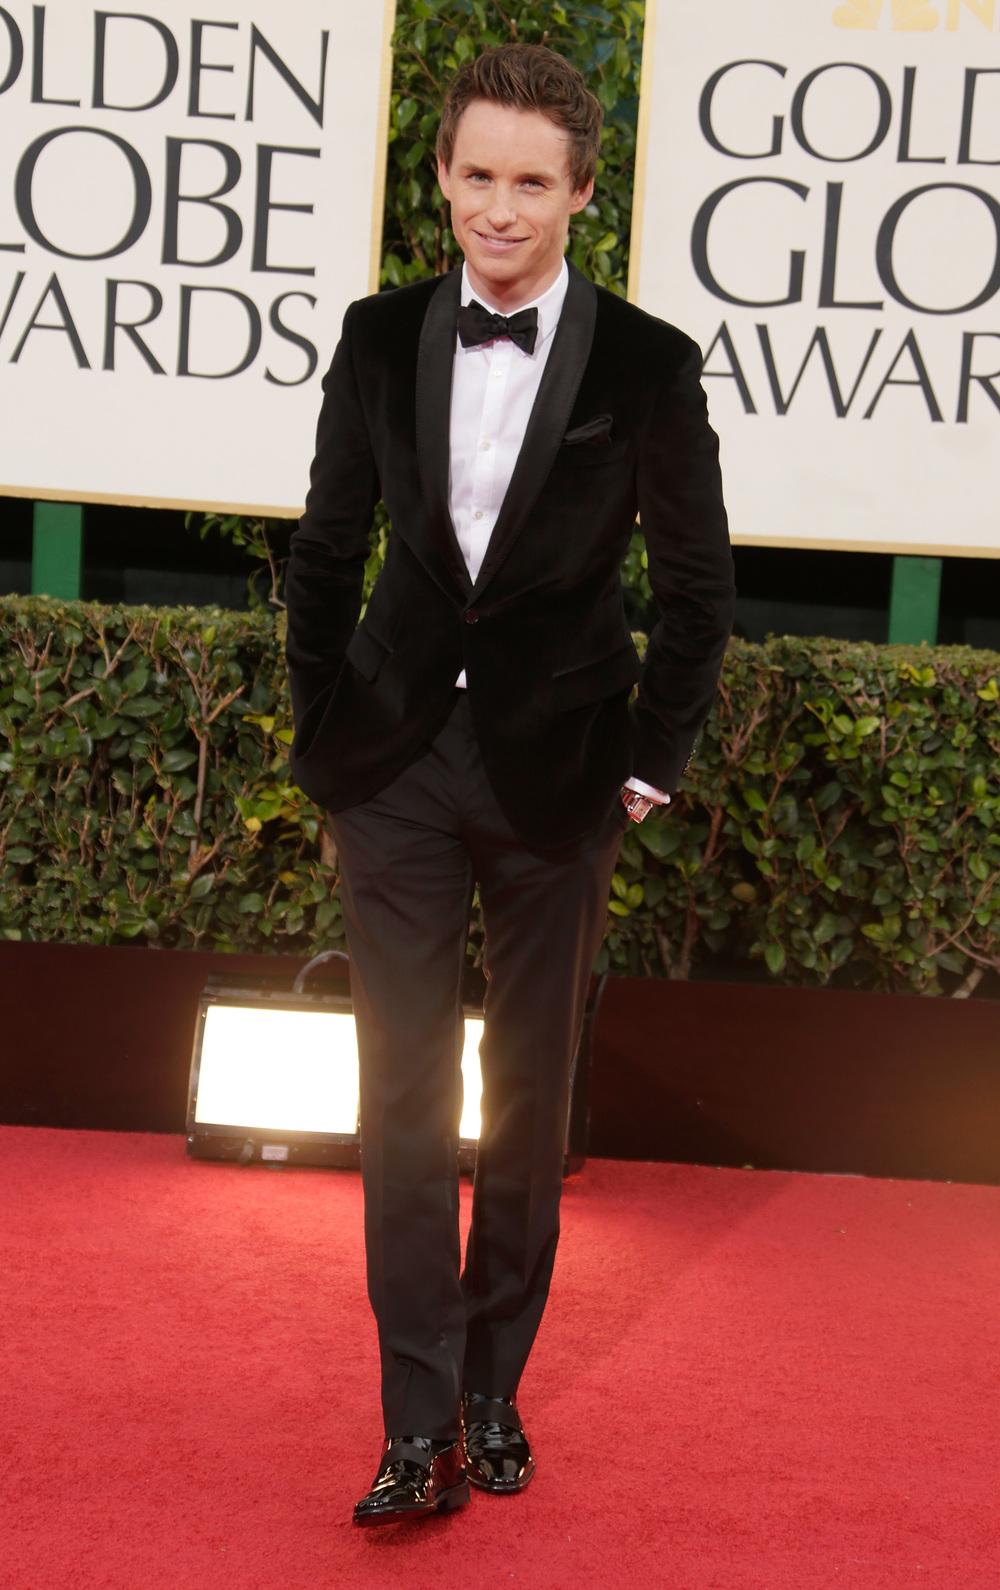 Eddie Redmayne Gucci Golden Globes